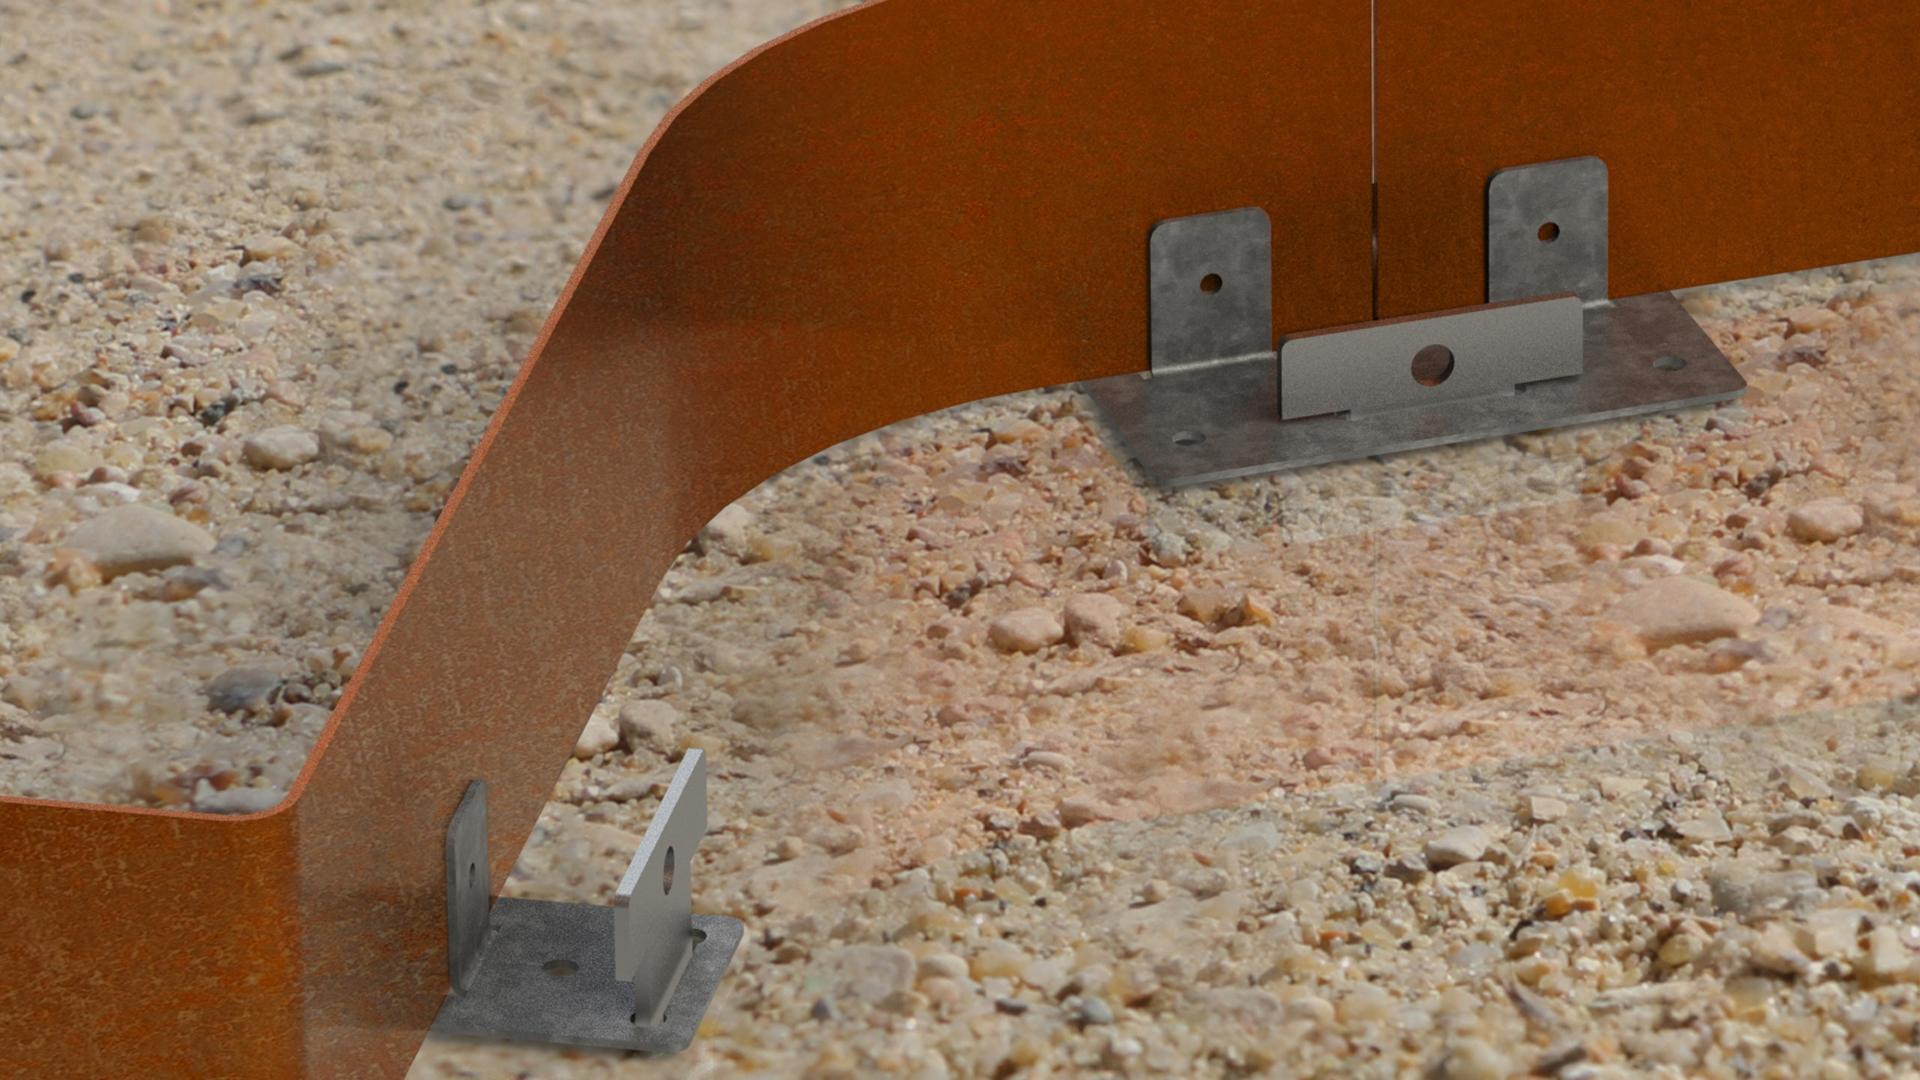 raccordement des bordures voliges de jardin acier Corten rouillé oxydé fer